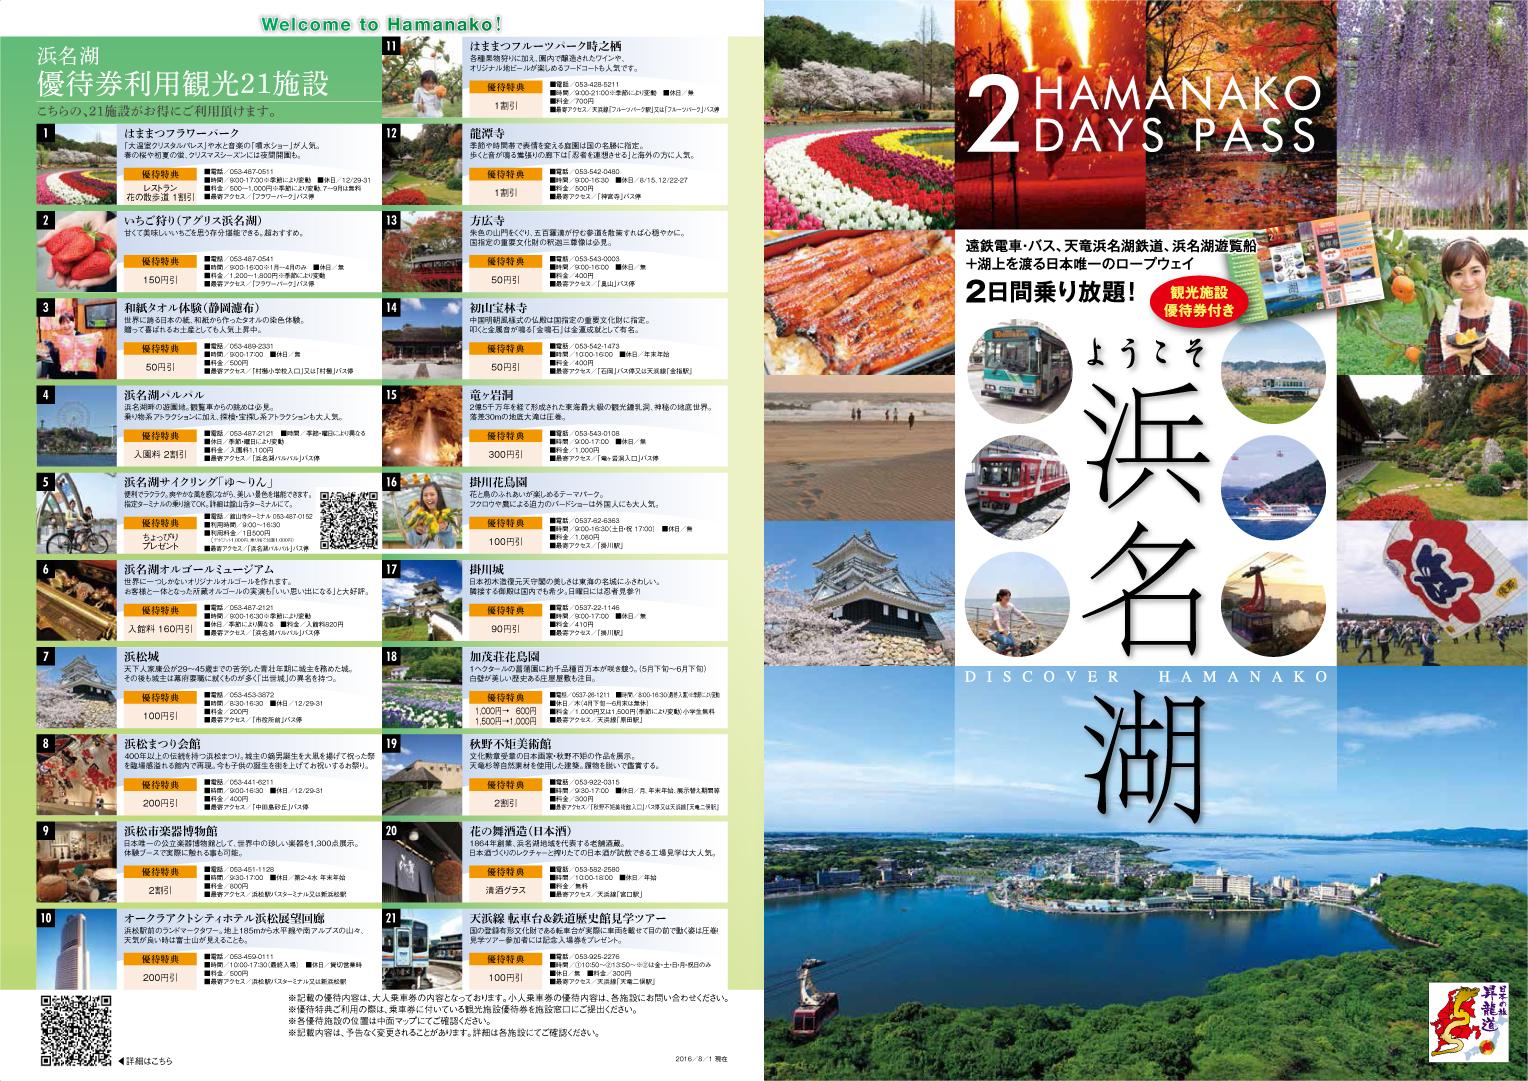 http://www.inhamamatsu.com/recommend/hnkrp2_omo.jpg